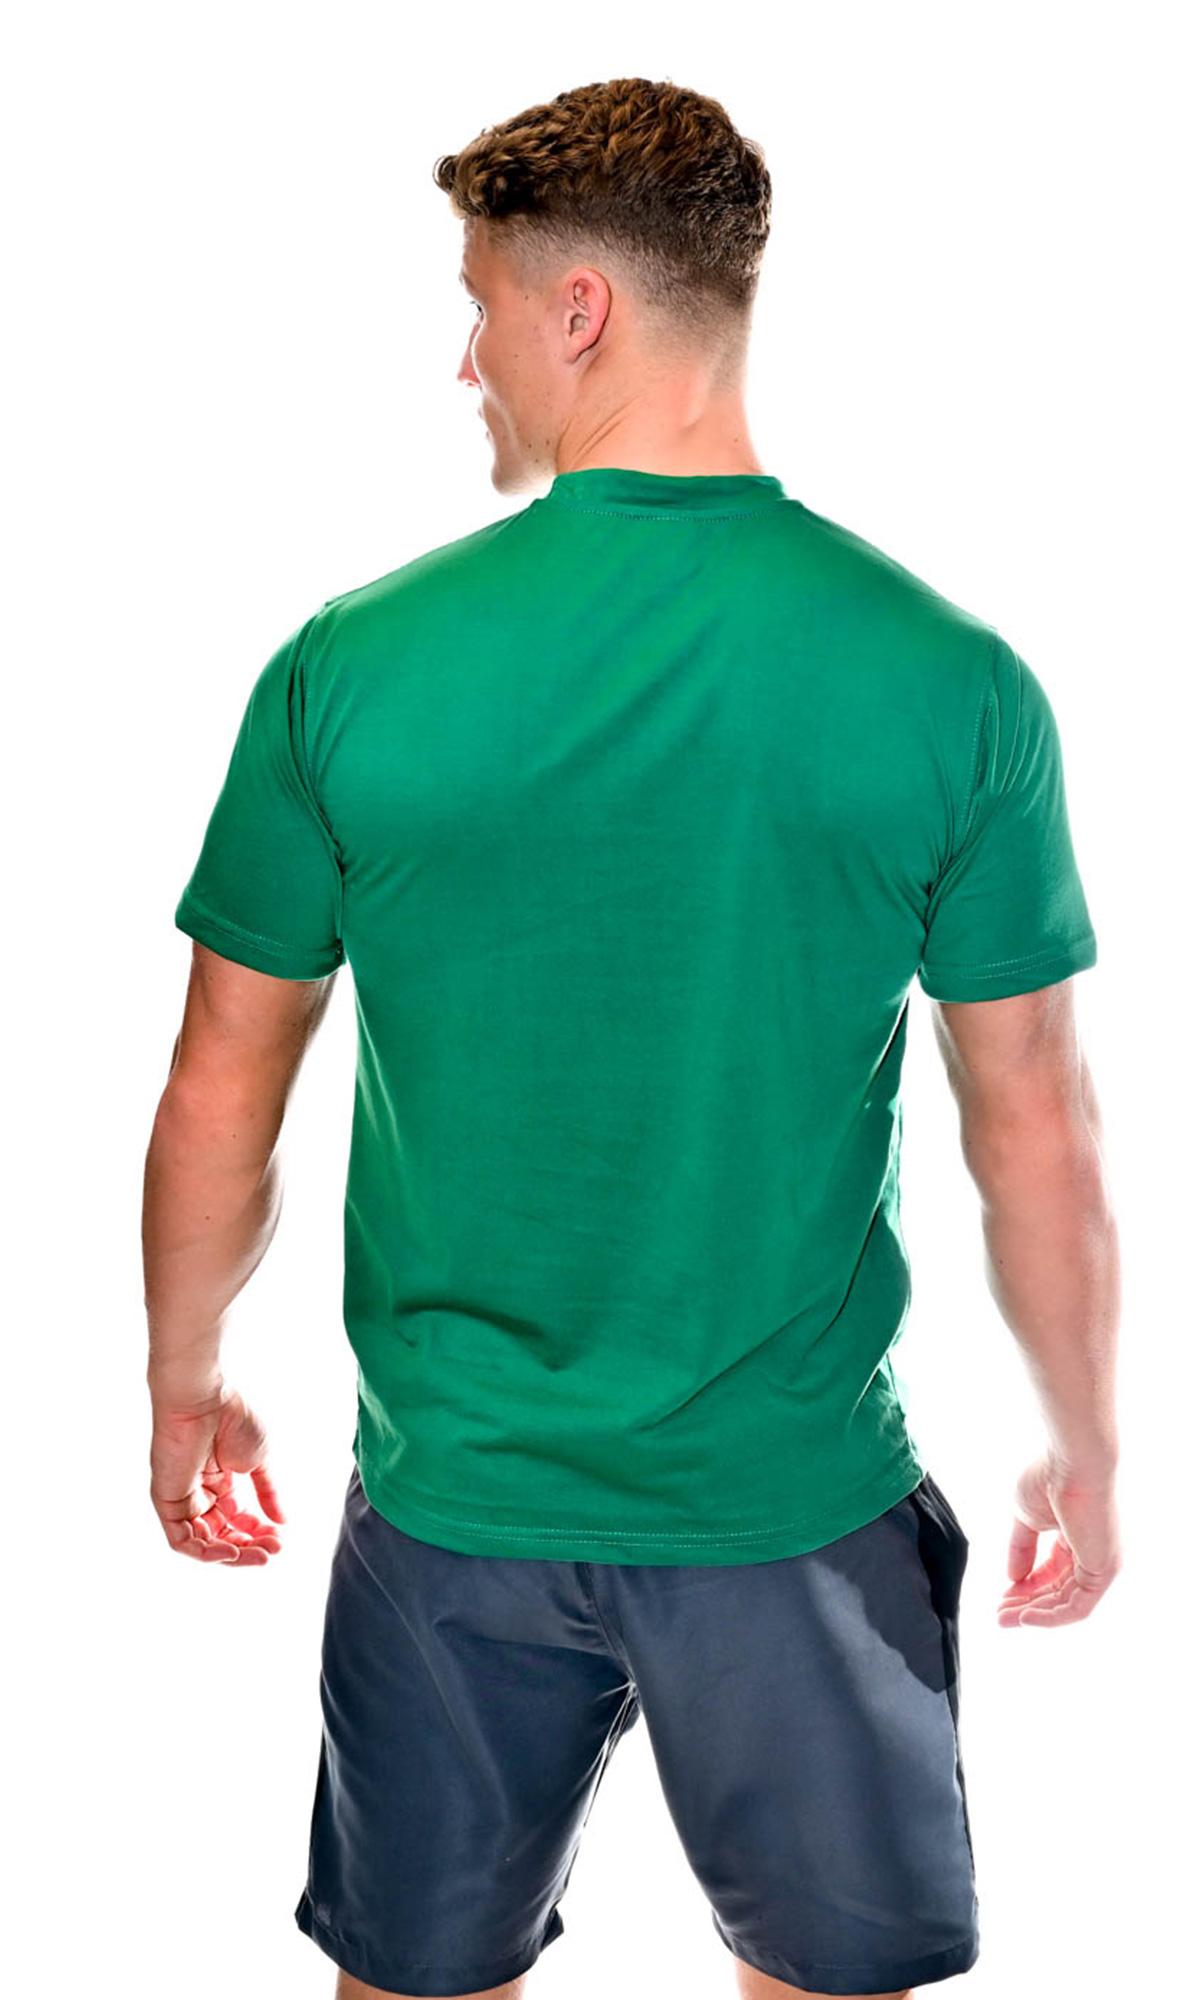 mens-green-tshirt-back